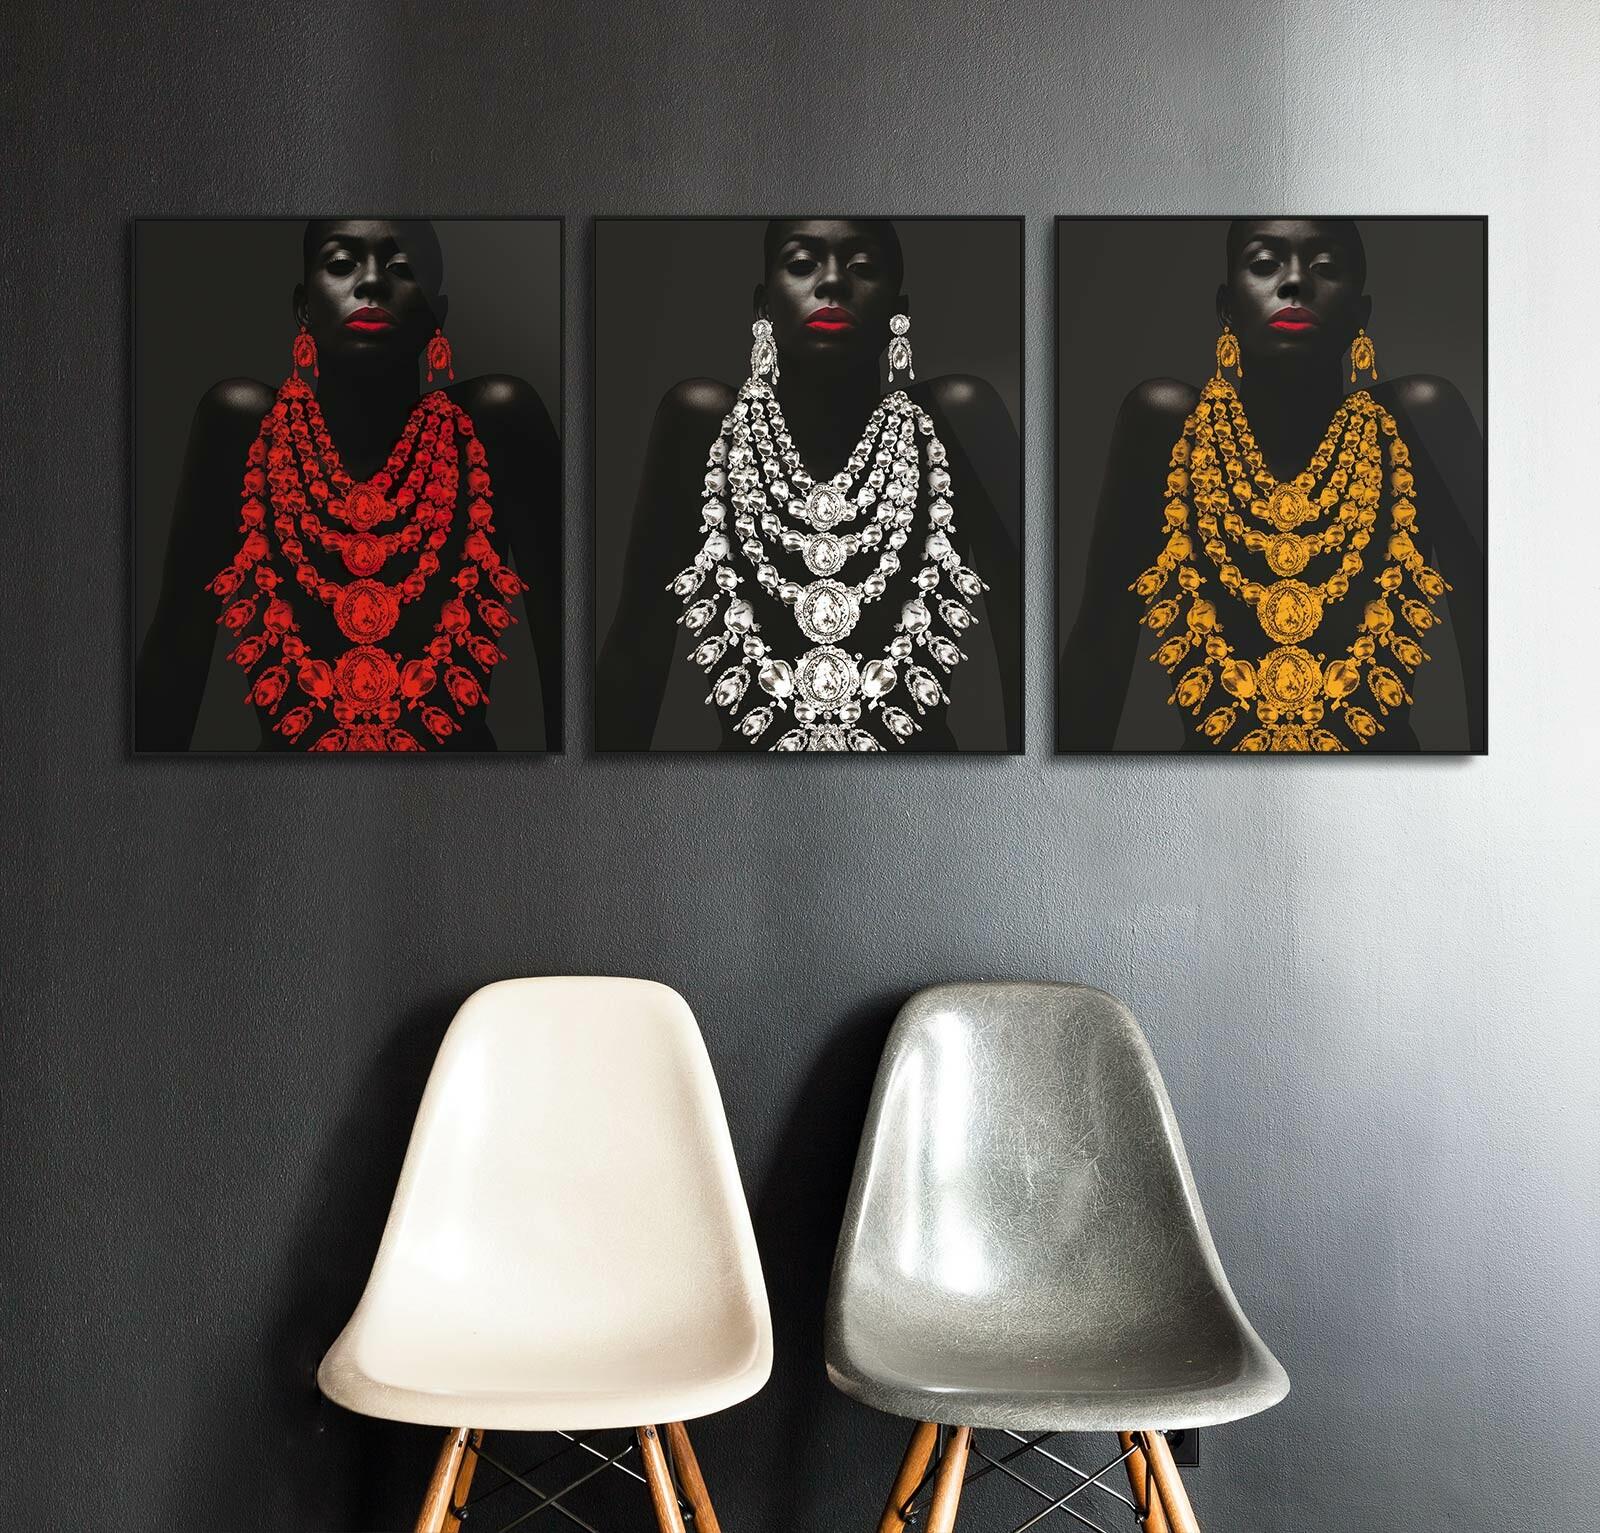 Jama Triptych - Rachel Witzman